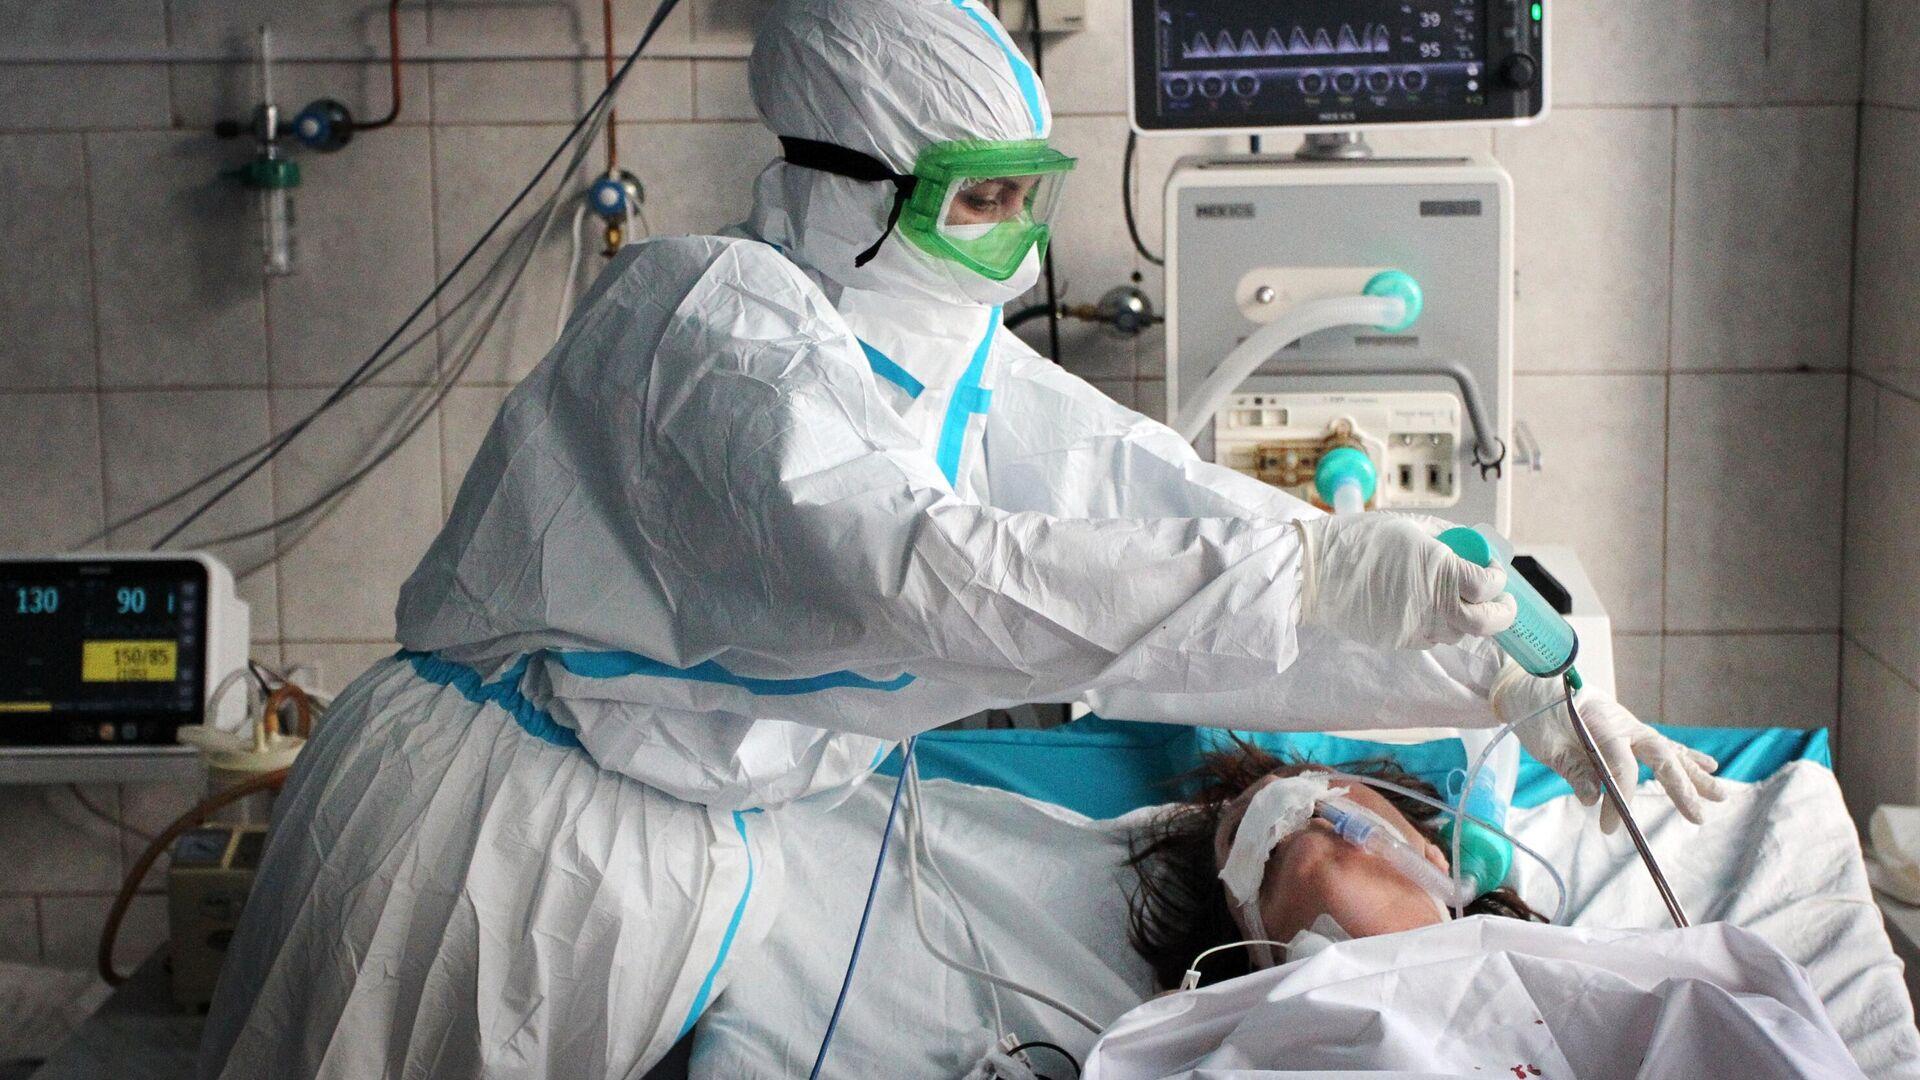 В США обнаружили индийский штамм коронавируса с двойной мутацией